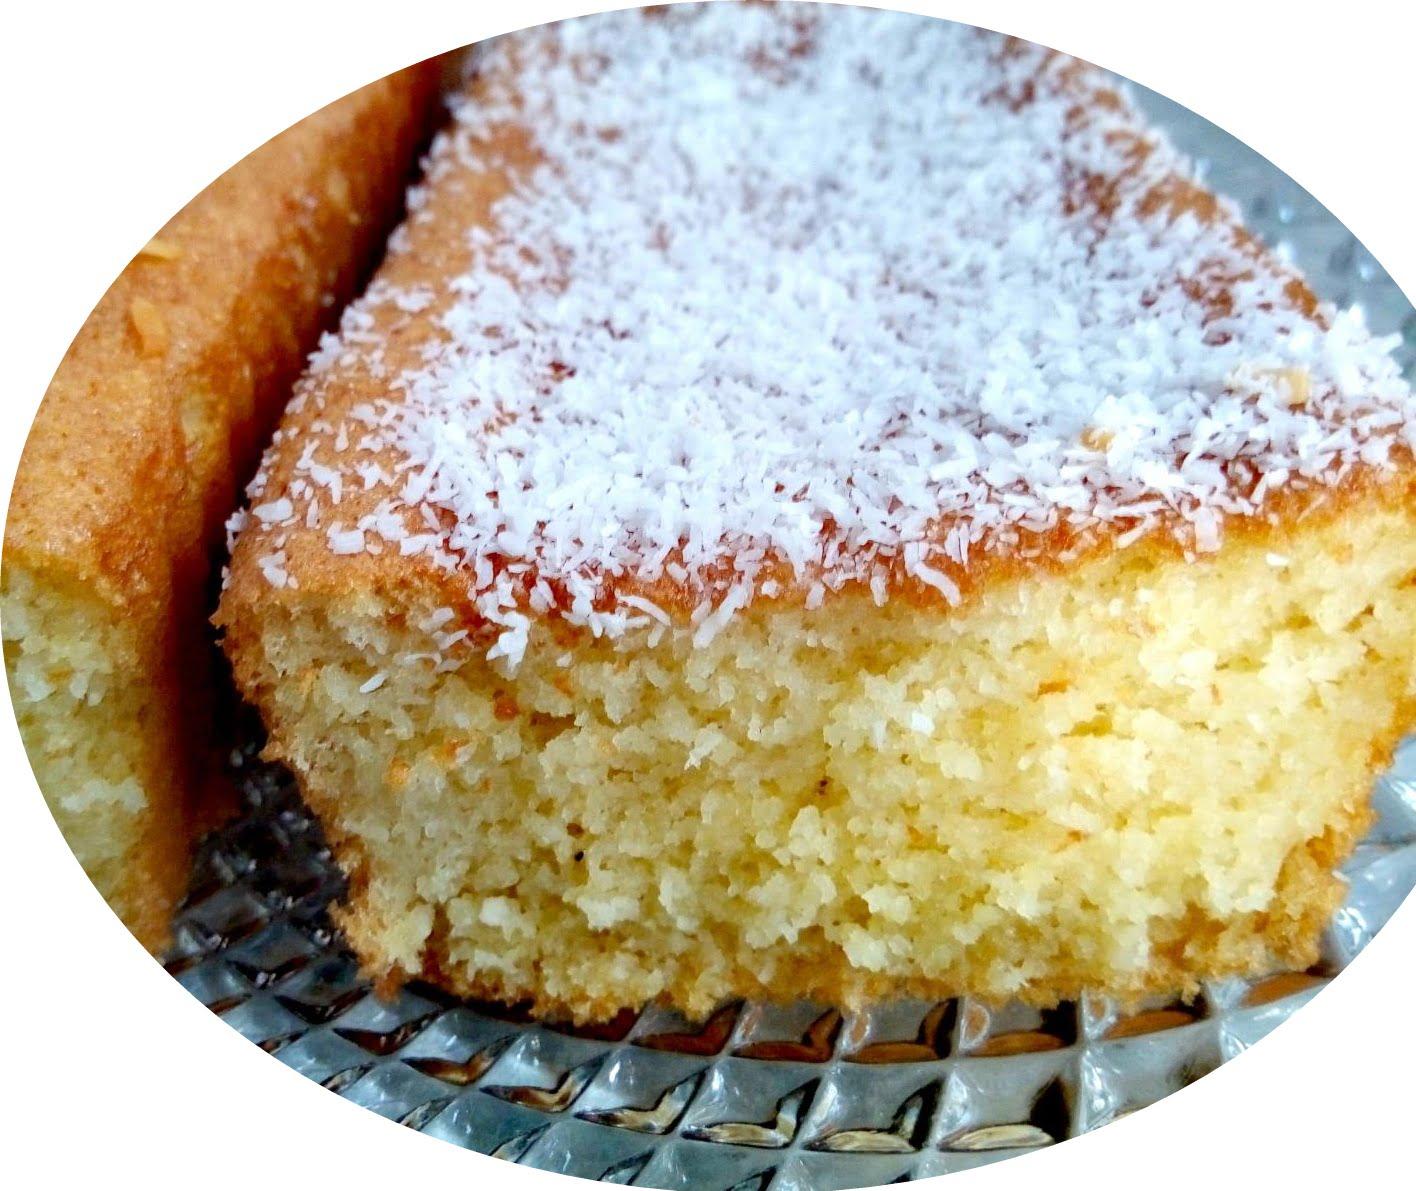 עוגת קוקוס וסולת_מתכון של אורה ארגוב